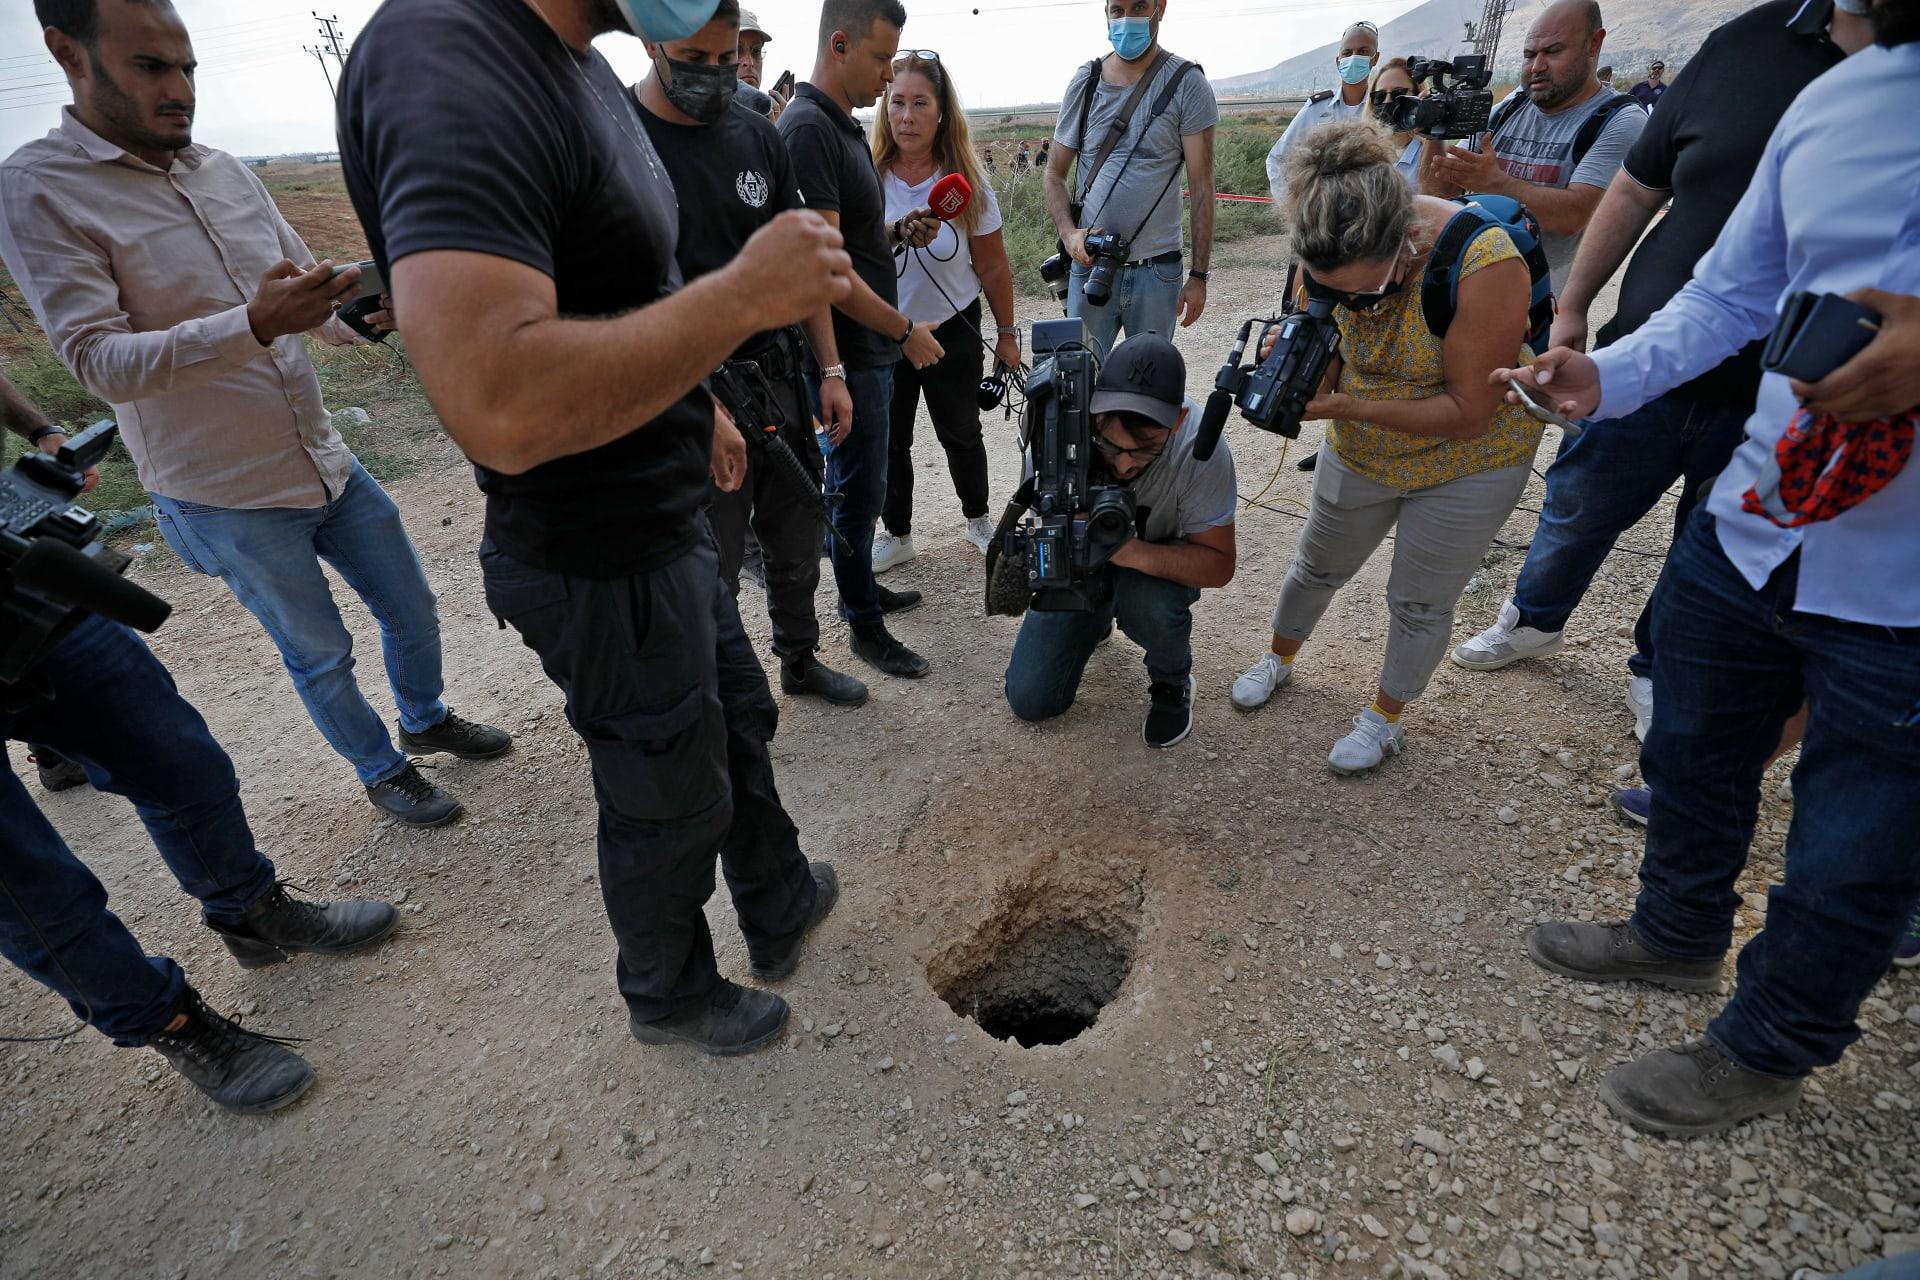 الشرطة الإسرائيلية والصحفيون يتجمعون حول حفرة استخدمها ستة فلسطينيين للفرار من سجن جلبوع بعد أن حفروا نفقا تحت الأرض - 6 سبتمبر 2021